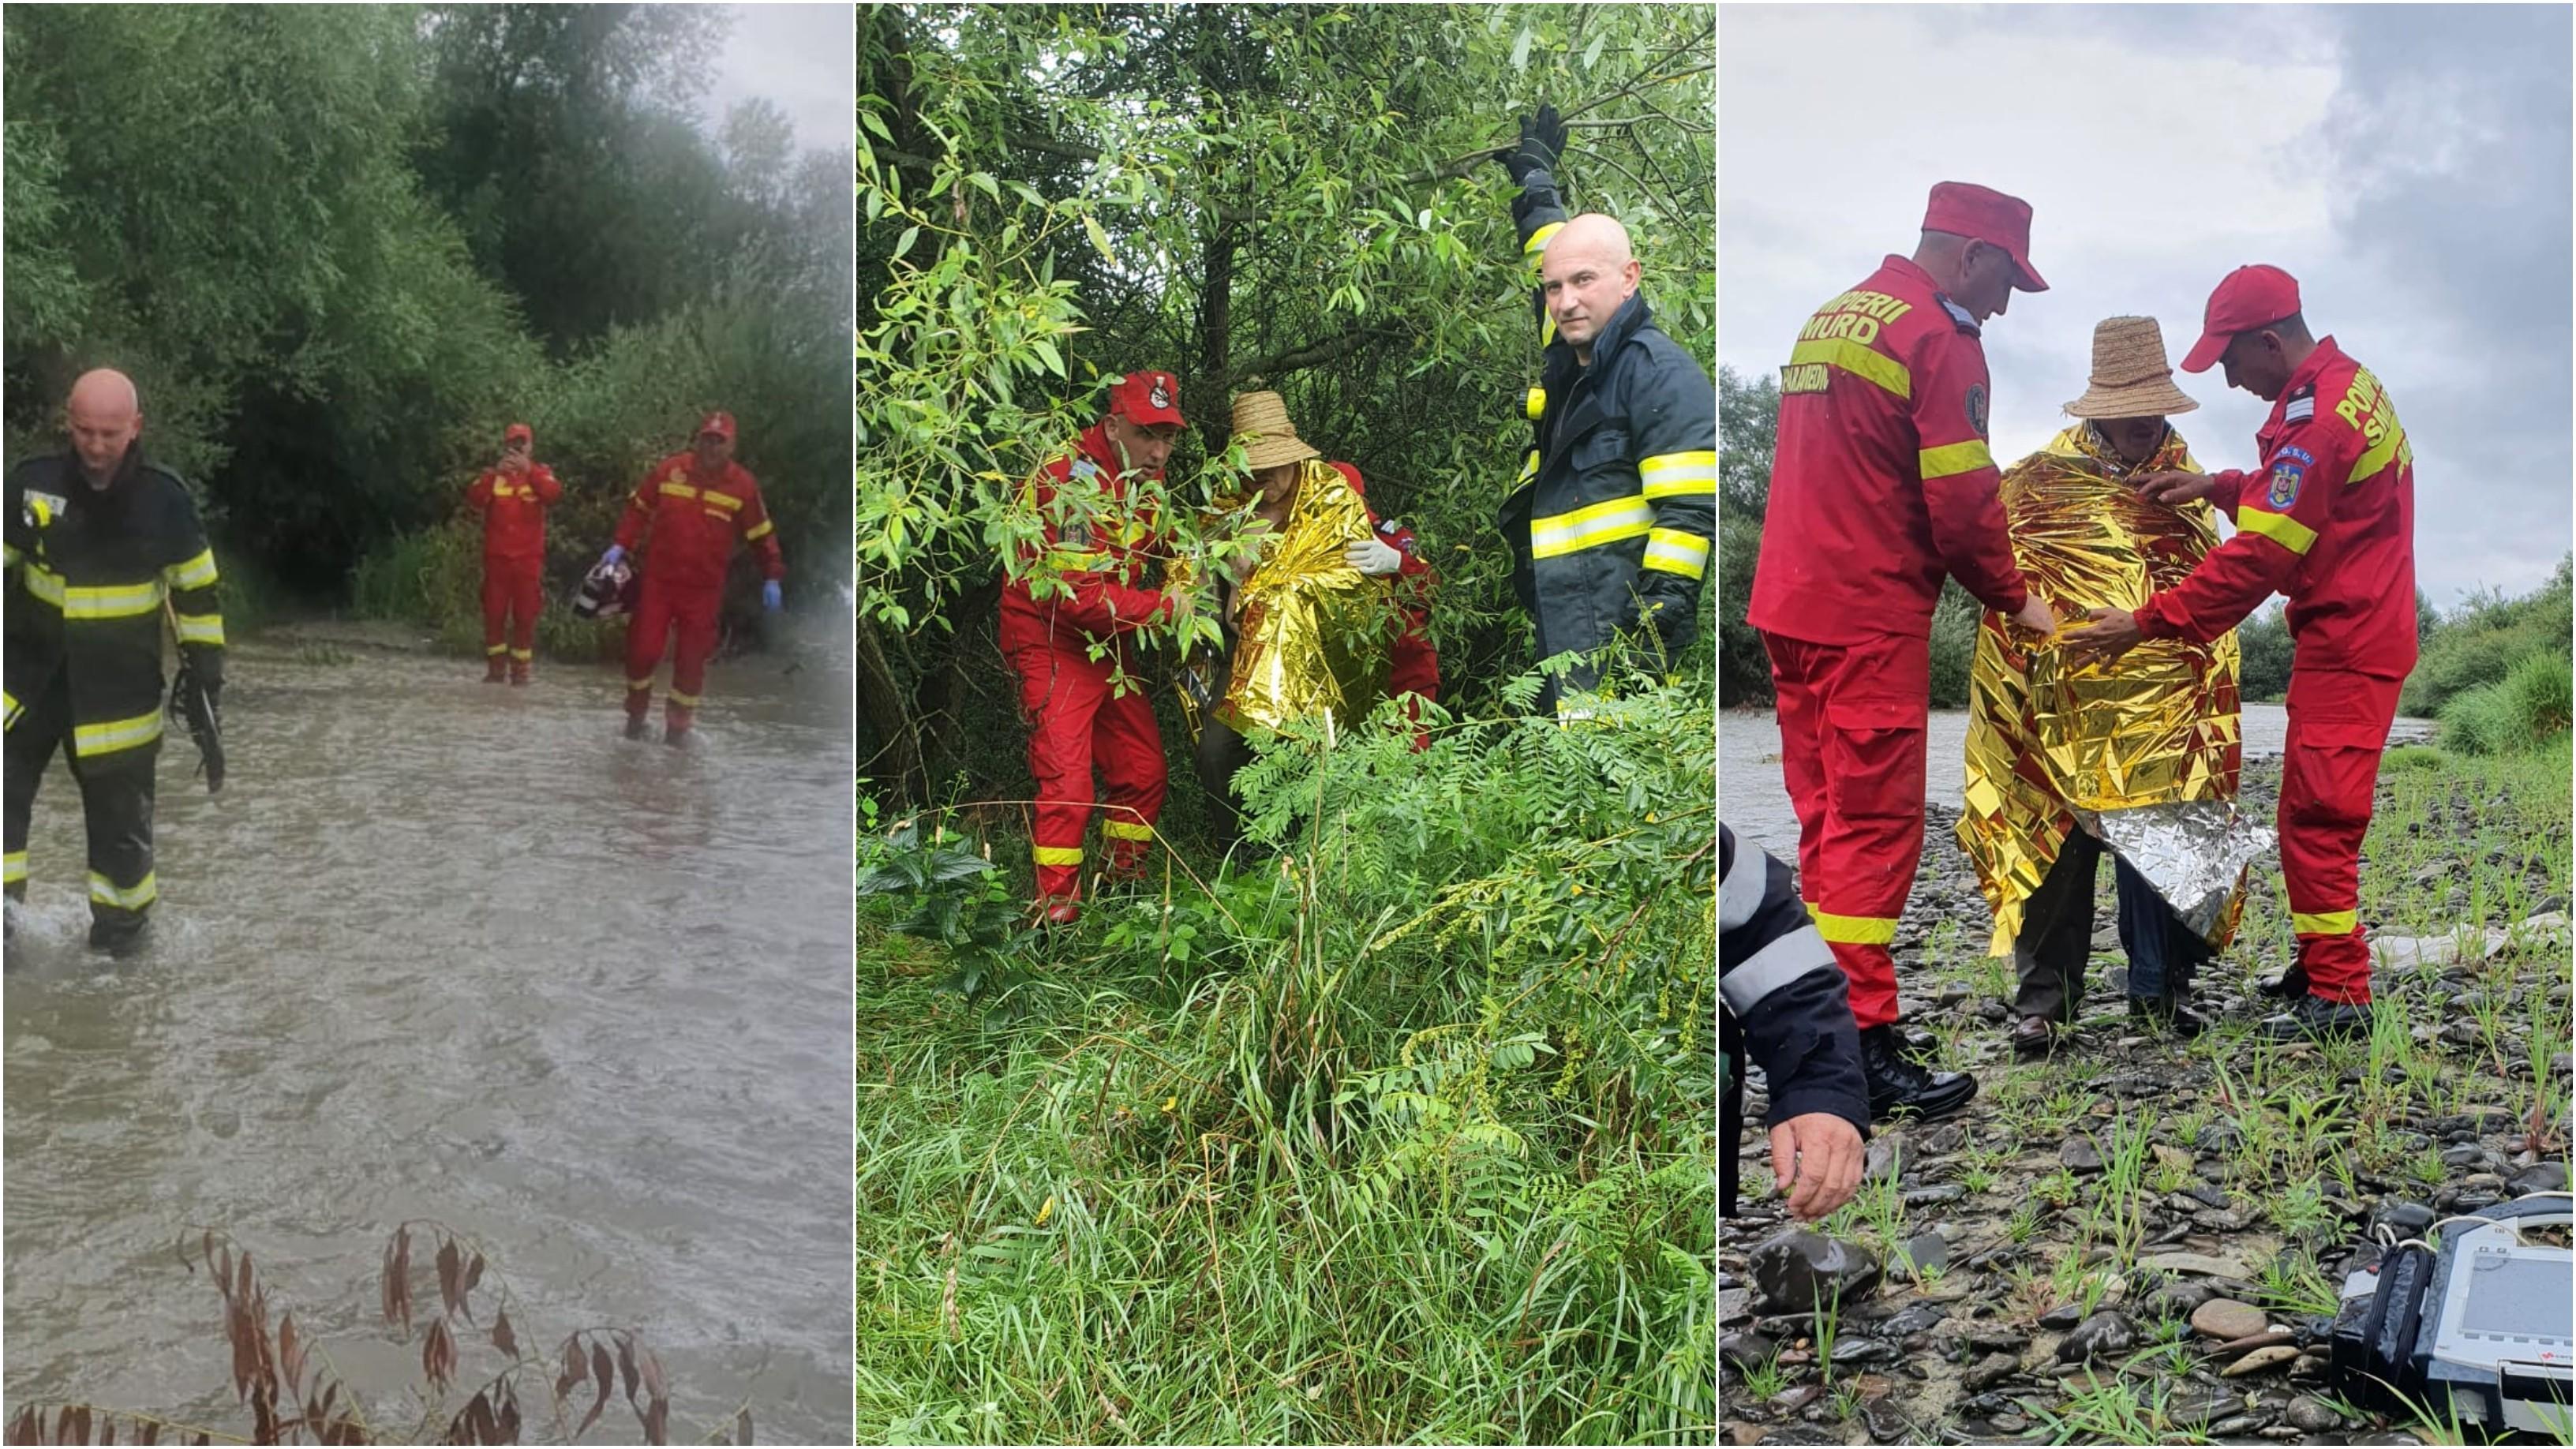 Bărbat agăţat în vegetaţia de pe marginea unui râu din Bistriţa-Năsăud, salvat după ce câinele a lătrat pentru a semnala locul în care se afla stăpânul său